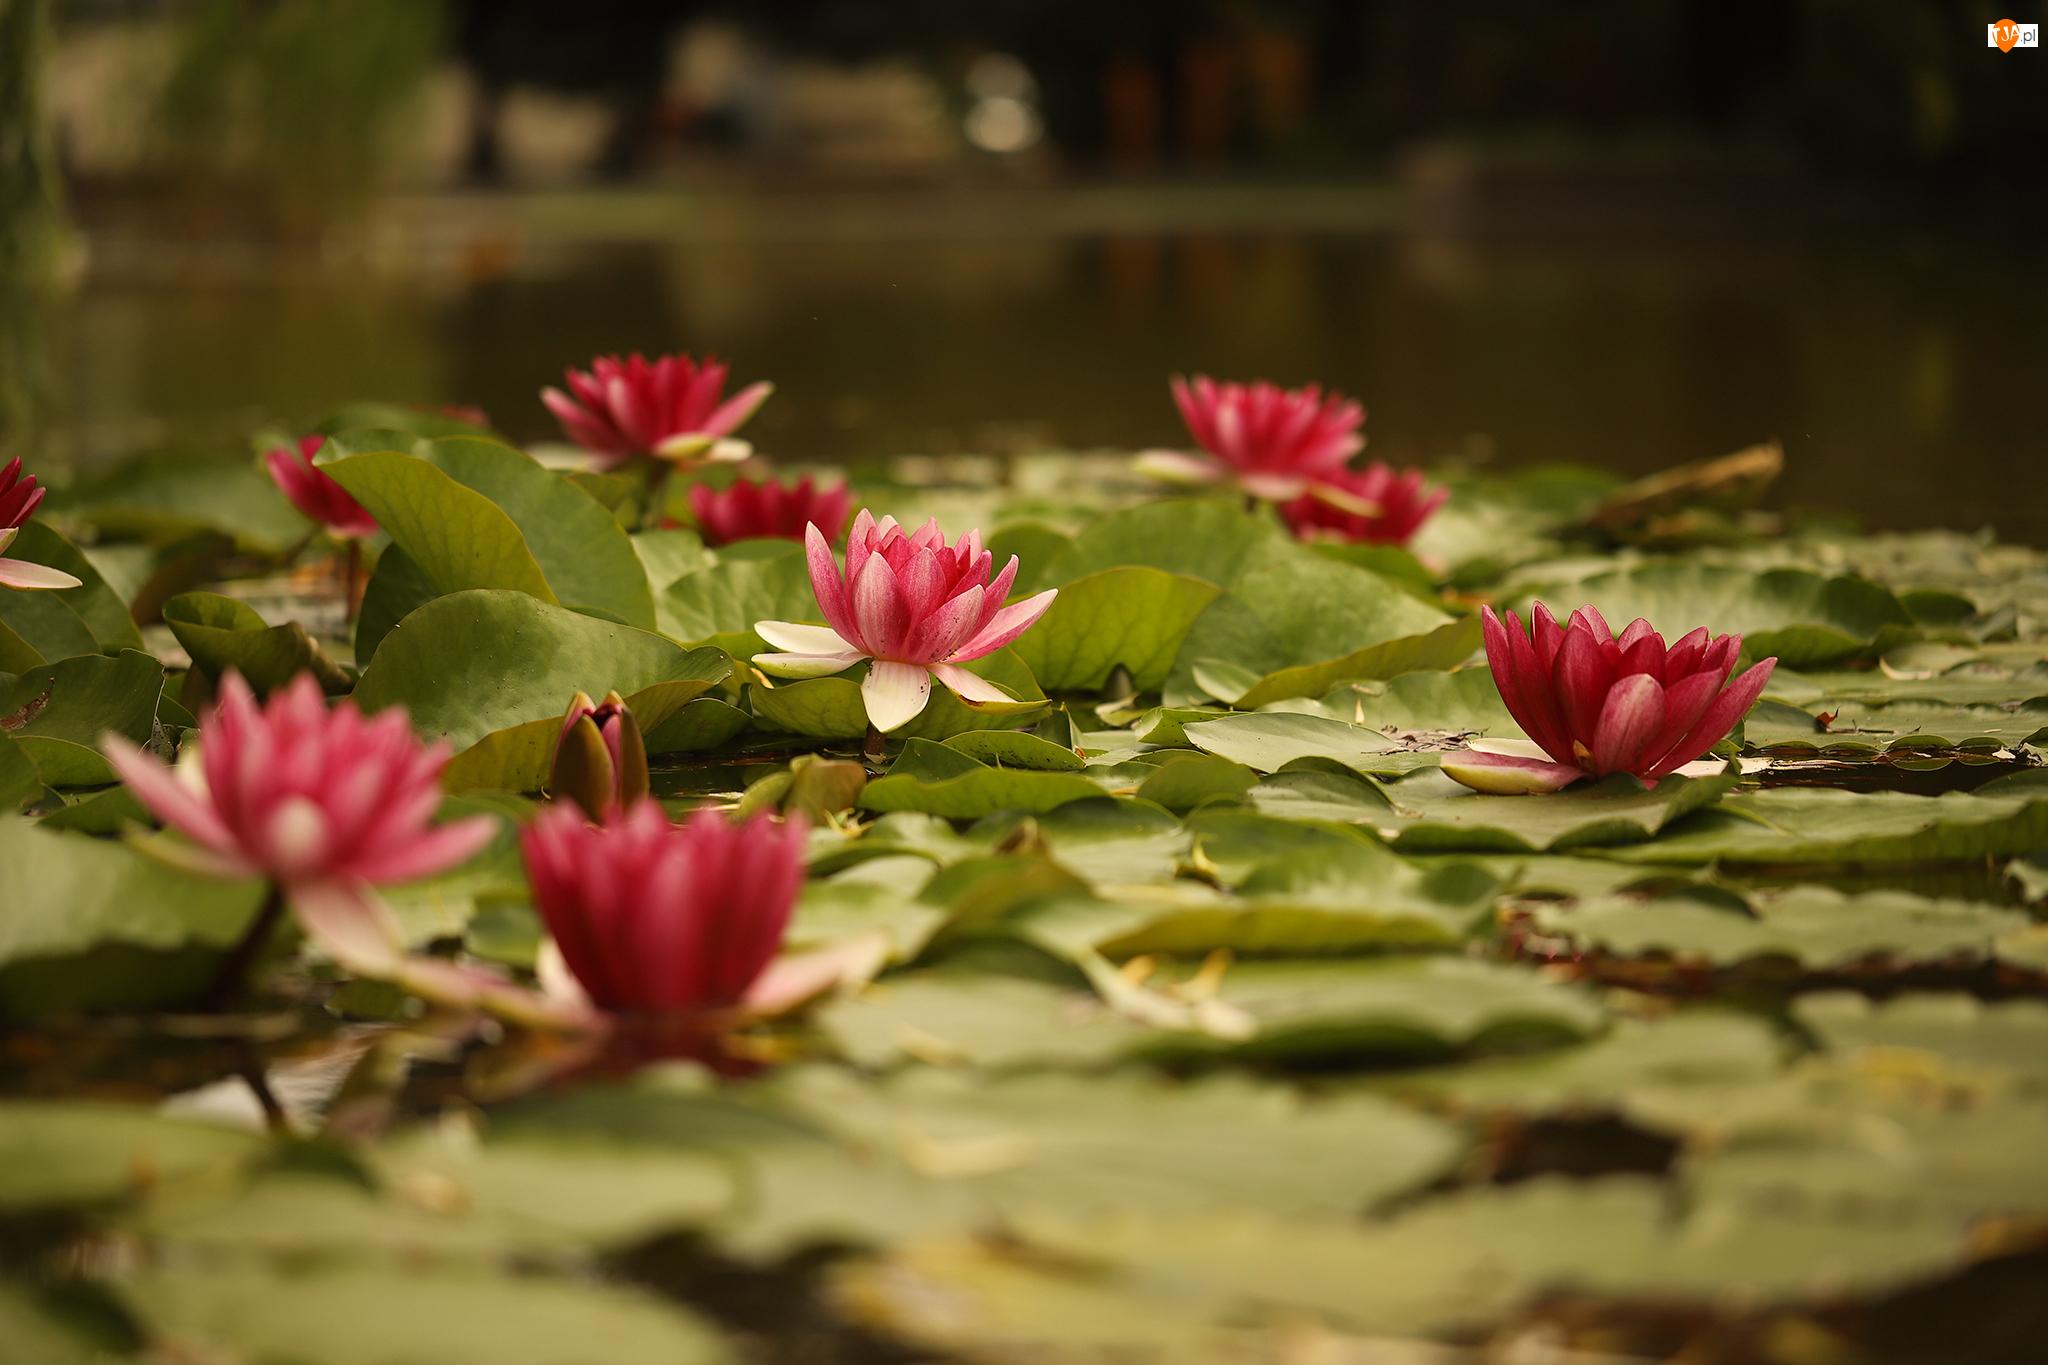 Grzybienie, Zbliżenie, Nenufary, Lilie wodne, Kwiaty